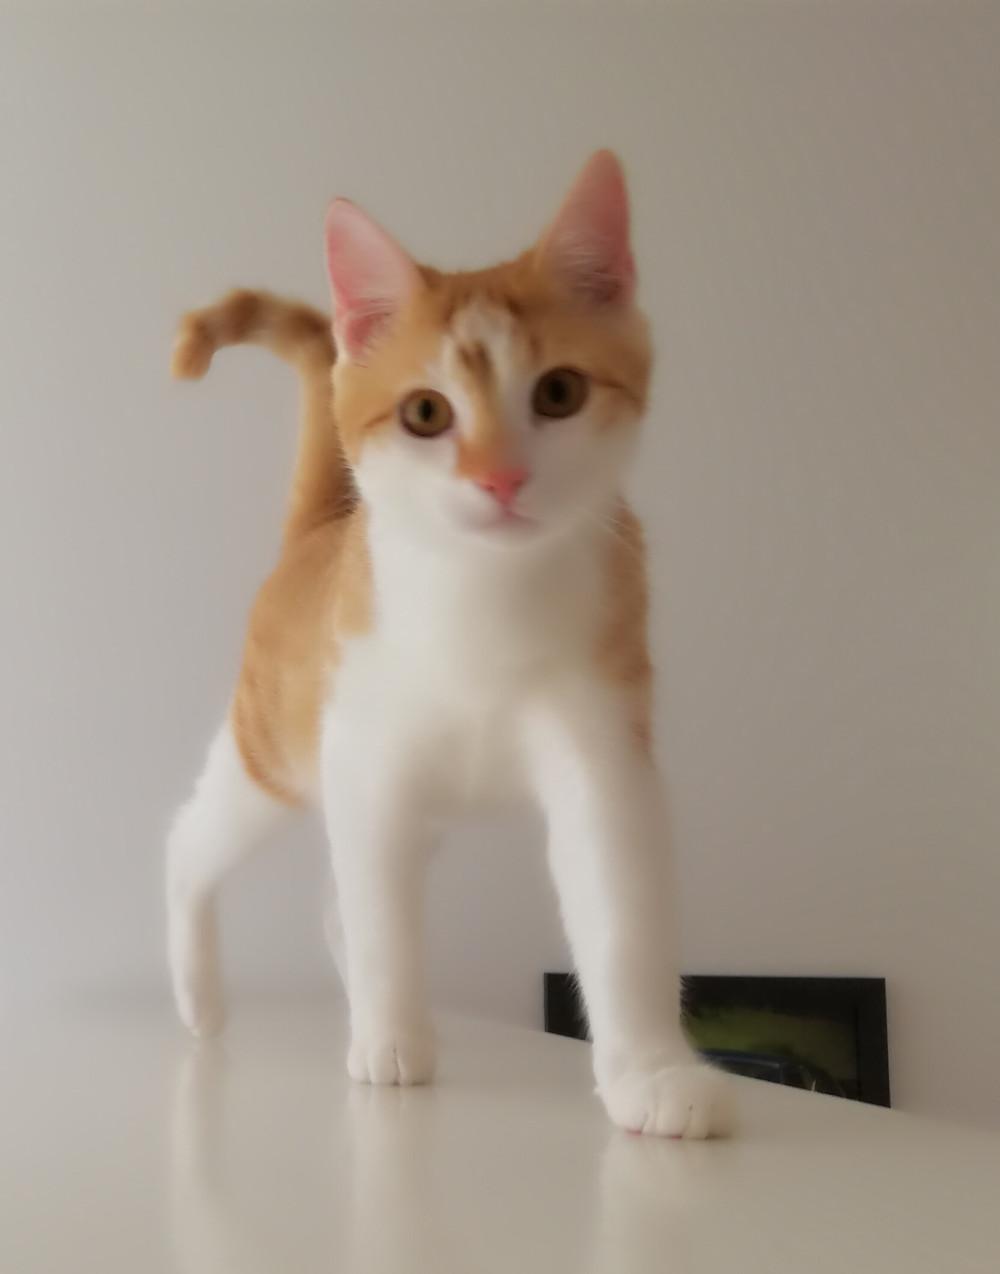 Unsauberkeit: Katzenspielzeug und Katzenklo halfen dabei die Unsauberkeit in den Griff zu bekommen